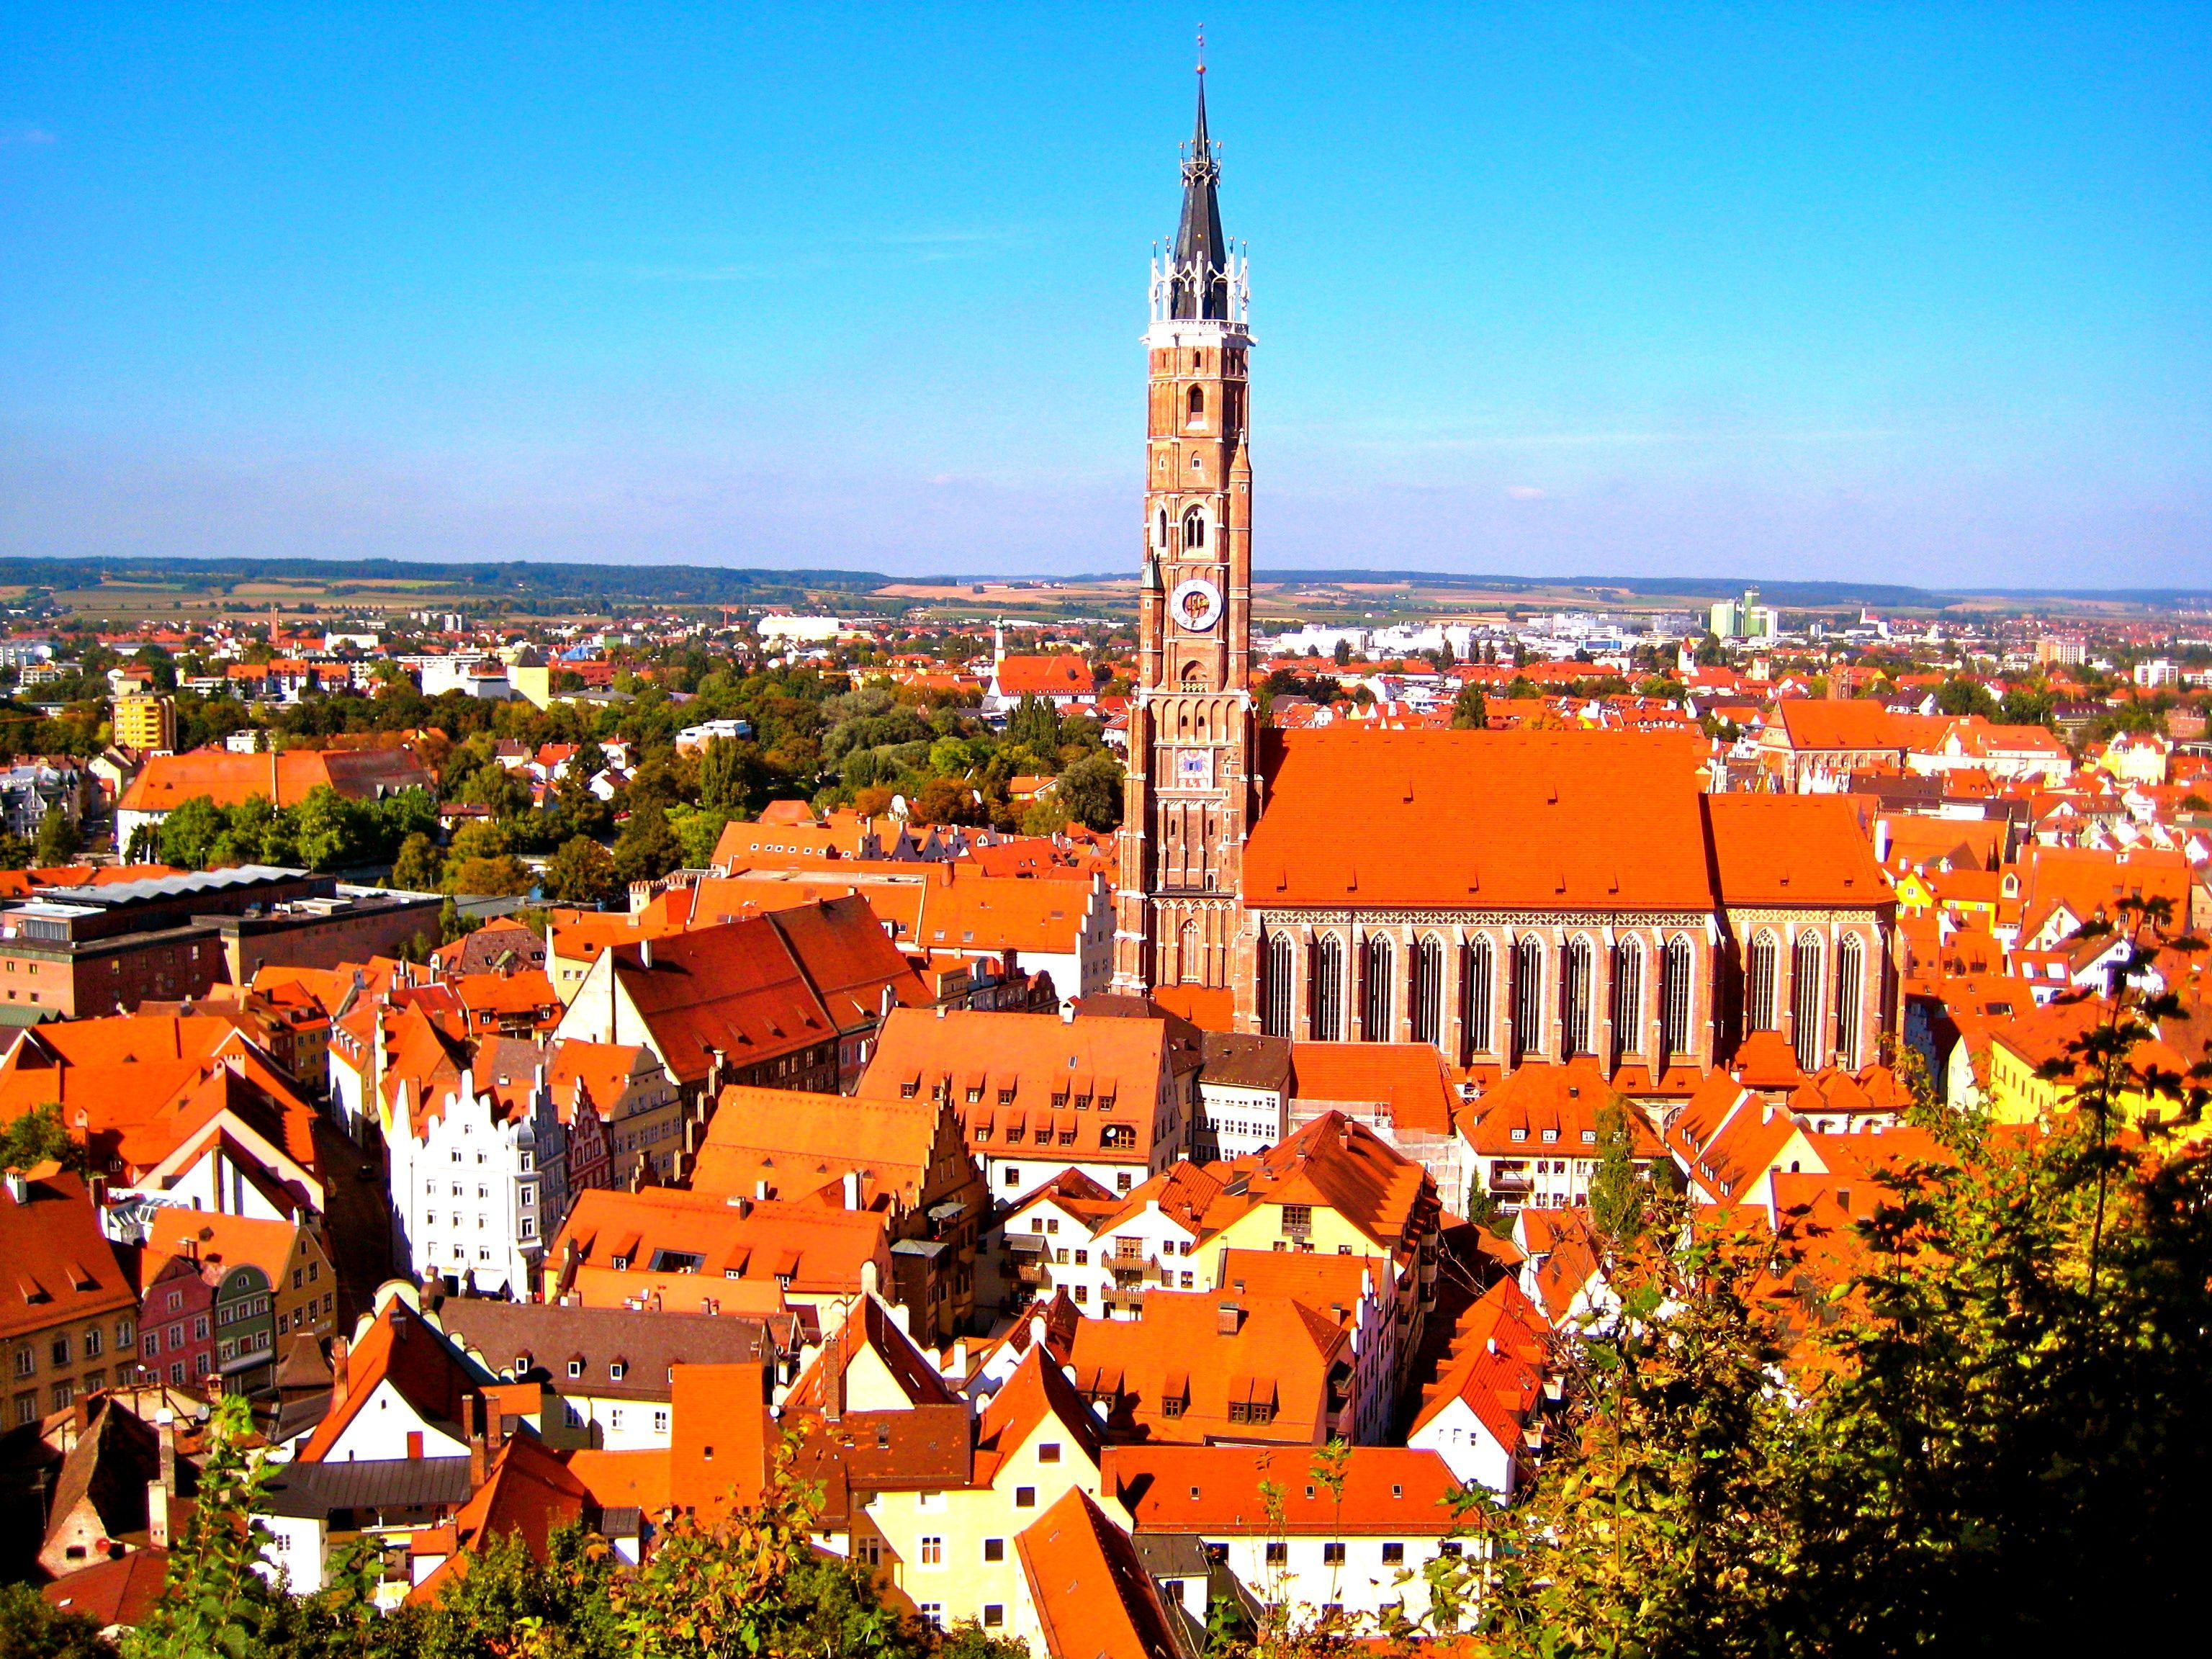 Animazing Regensburg